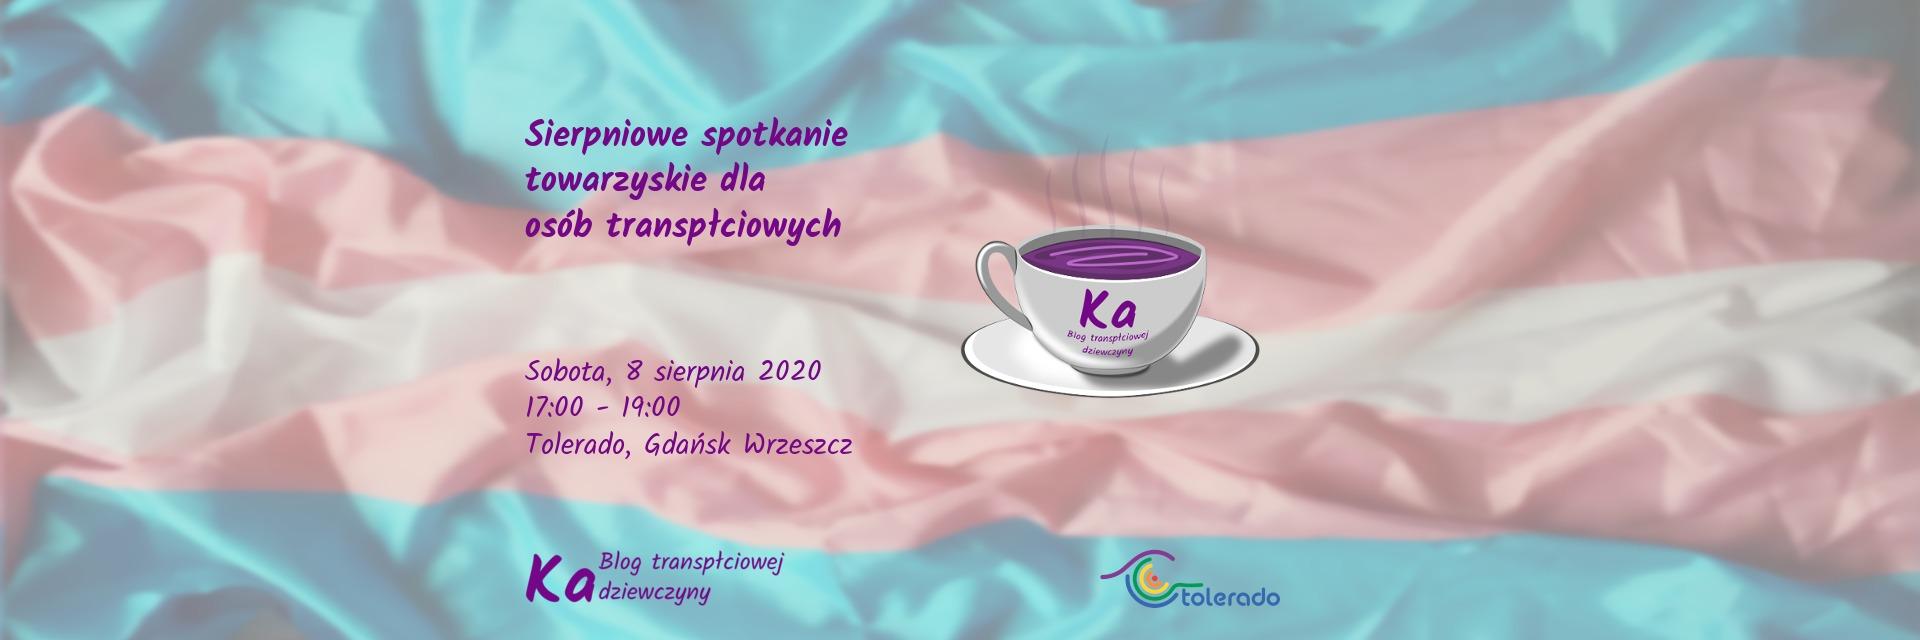 Sierpniowe spotkanie towarzyskie dla osób transpłciowych 2020